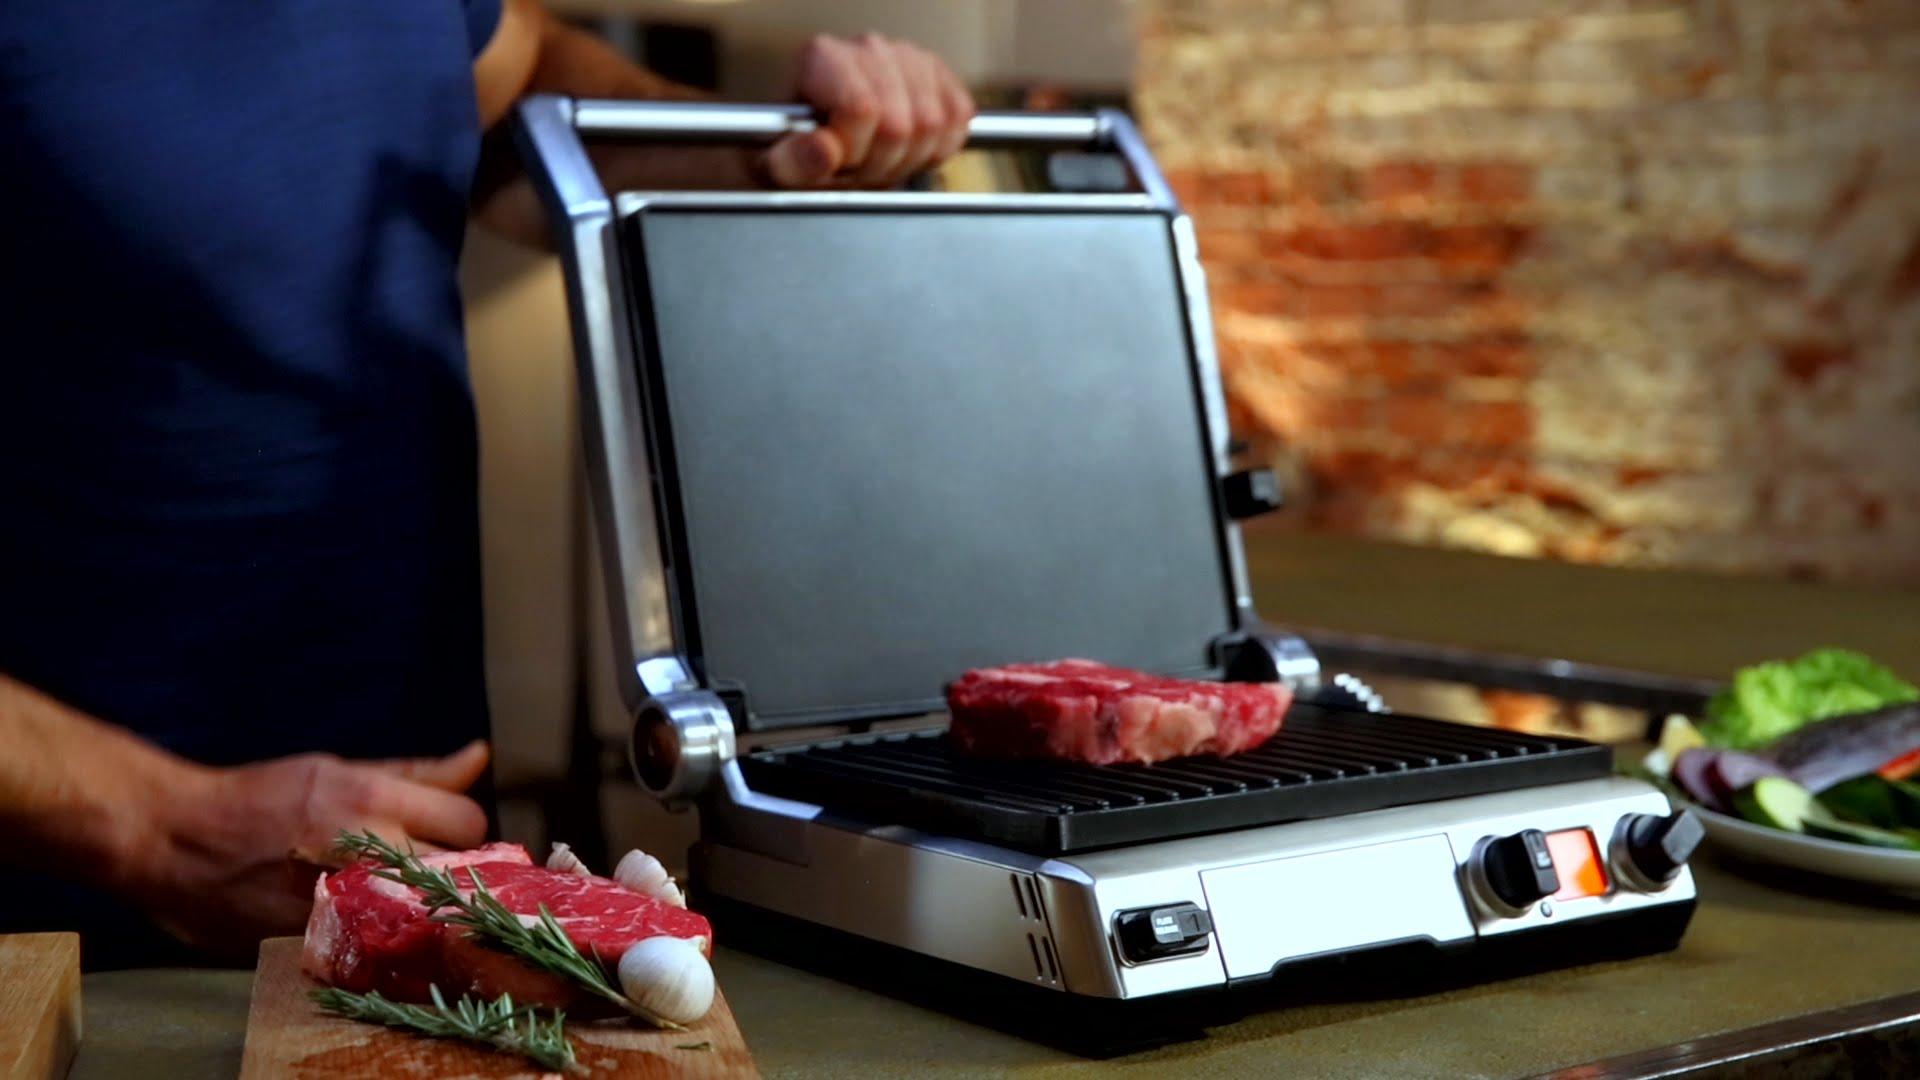 Домашний электрогриль_детальный анализ всех за и против - прижимной гриль с мясом